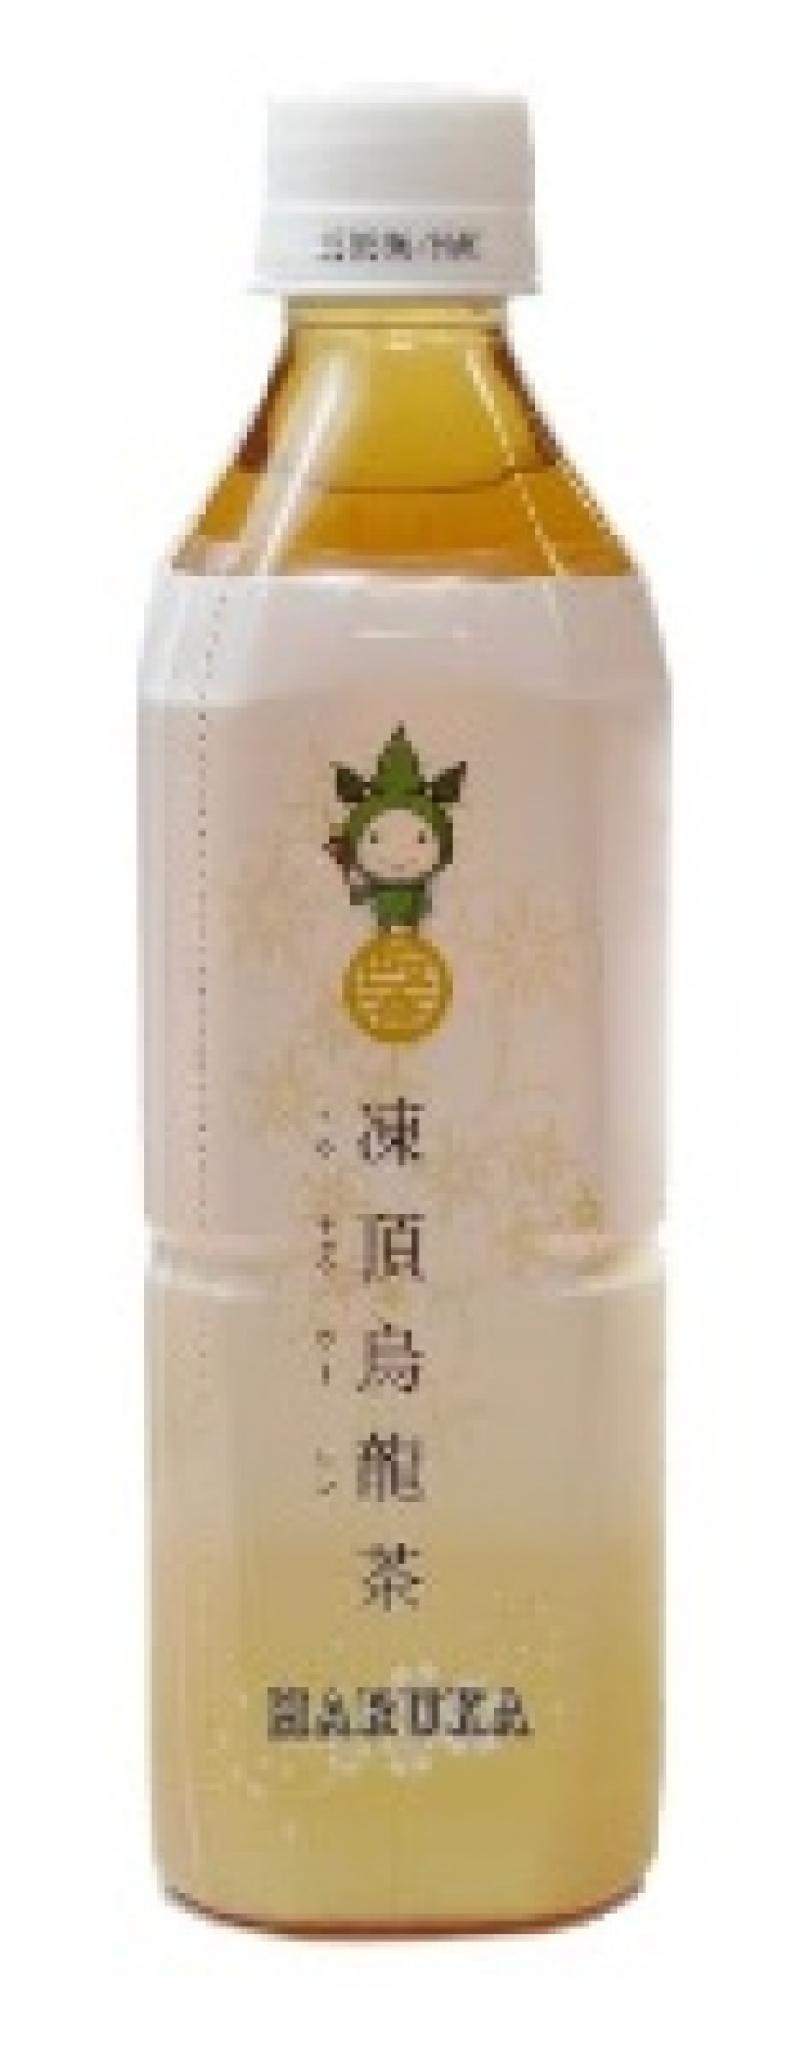 """ダイナムが今年8月に発表したオリジナル景品の『馨 凍頂烏龍茶 HARUKA(かおる とうちょううーろんちゃ はるか)』(500ml)。""""モーリーズ""""は初回限定パッケージに採用された。"""